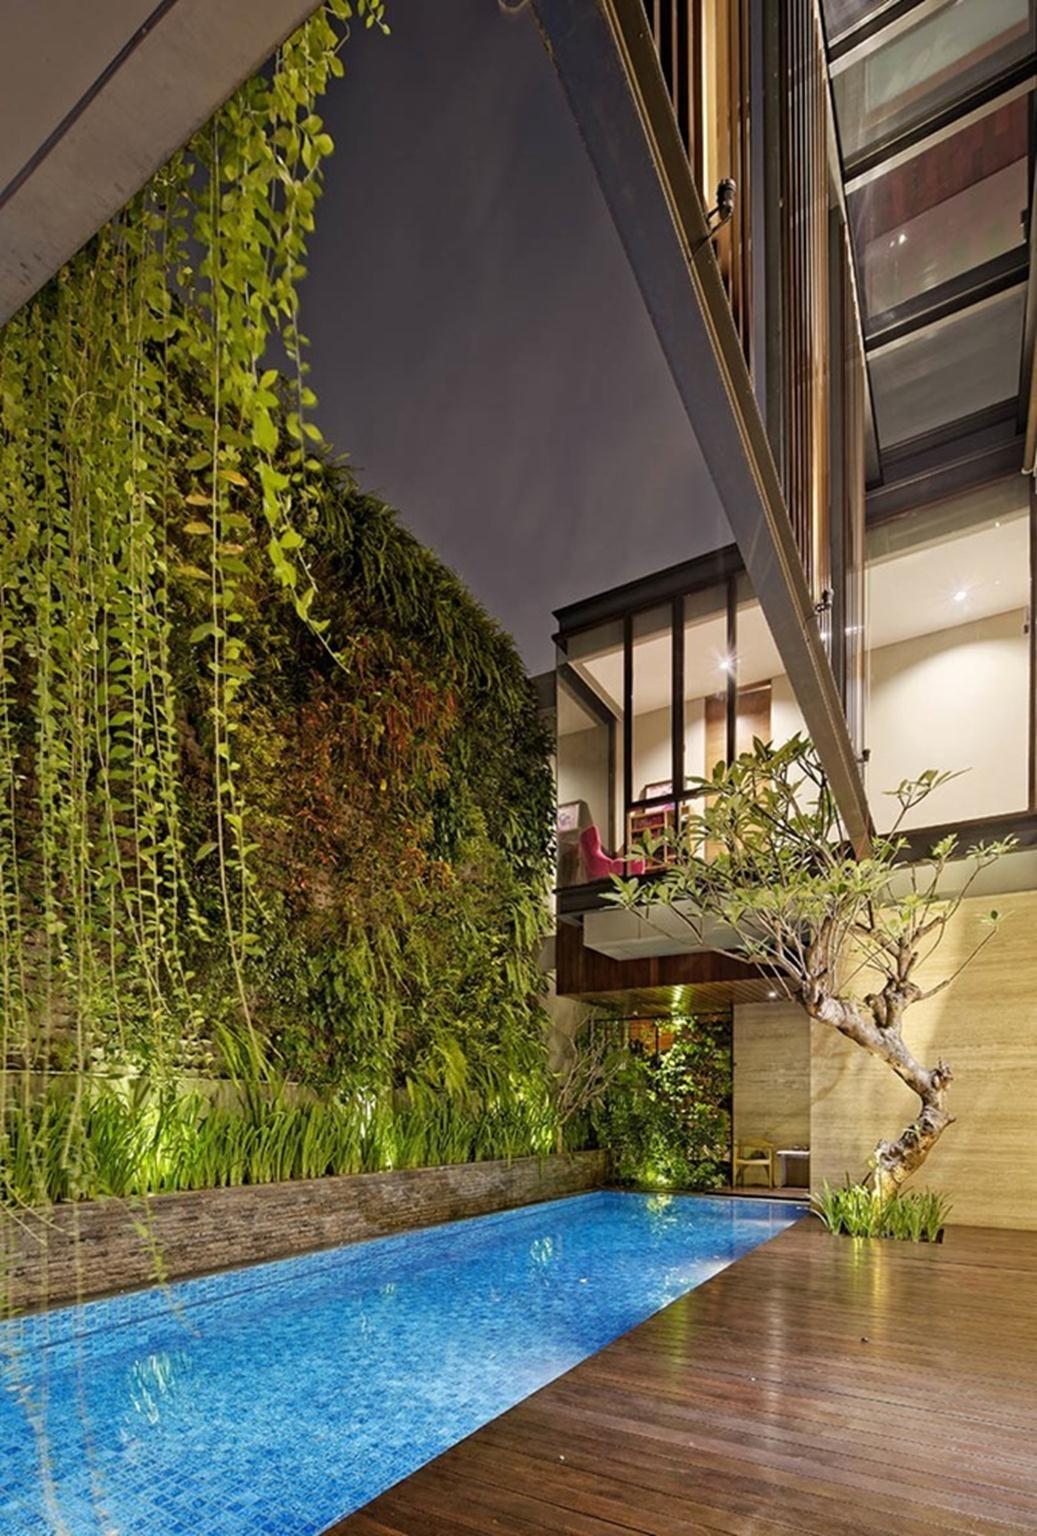 8272 Ben House GP WCS  07.07.2015 ok final emaiL Copy BEN HOUSE: Thiết kế hòa mình vào thiên nhiên qpdesign